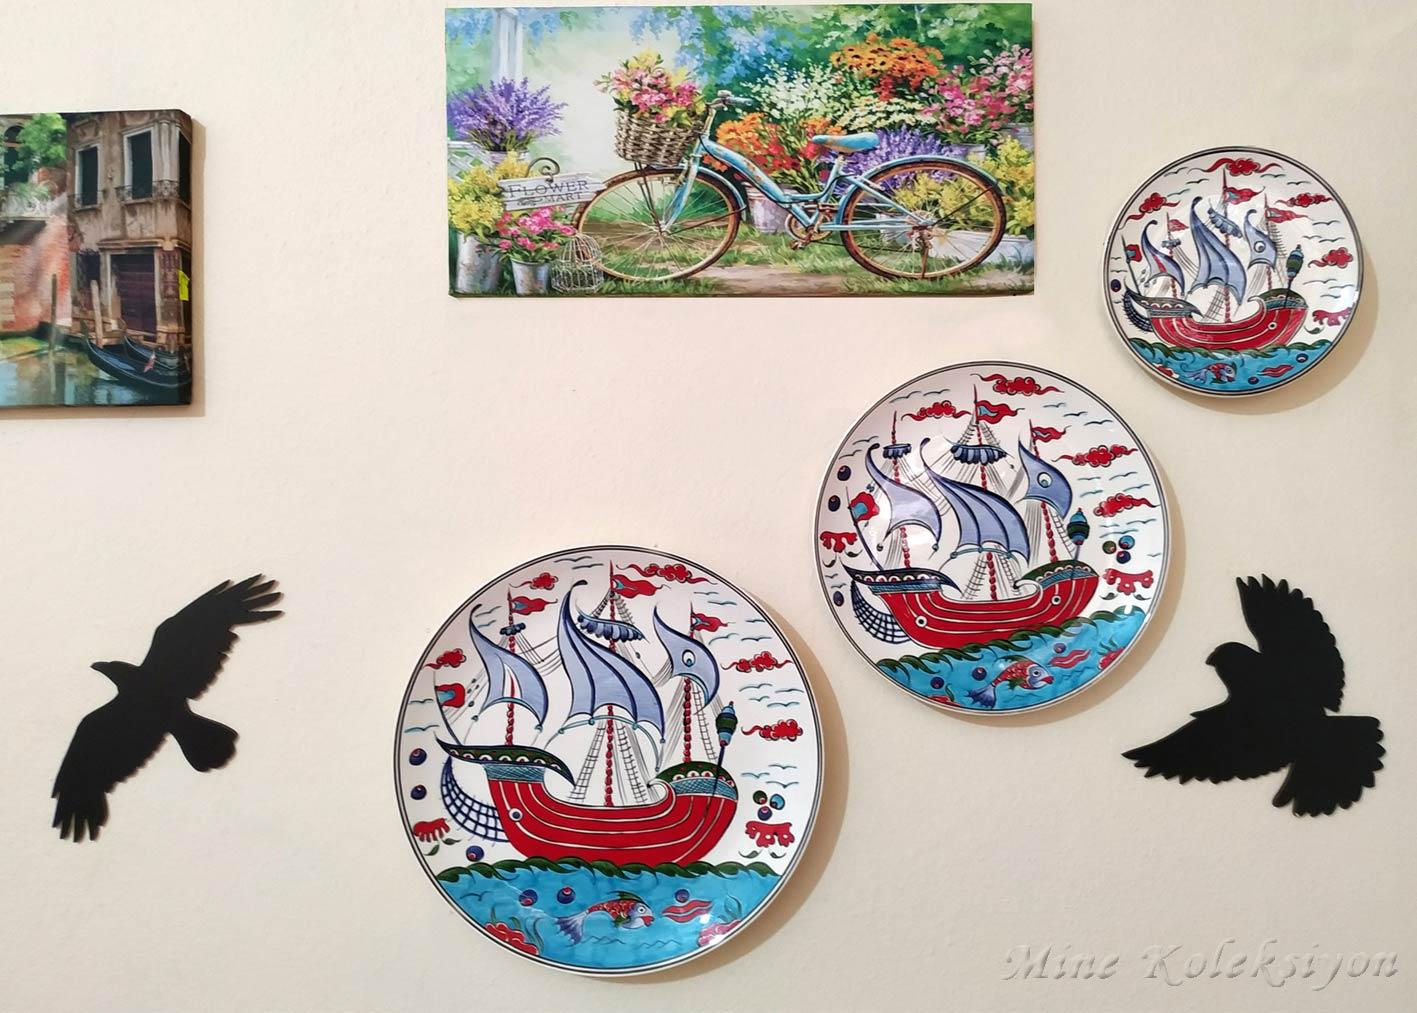 Osmanlı Kadırga Yelkenli Kalyonlu Gemili 3 Lü Kombin Set El Yapımı Duvar Dekoru Süsü Klasik İznik Tarzı Çini Tabaklar